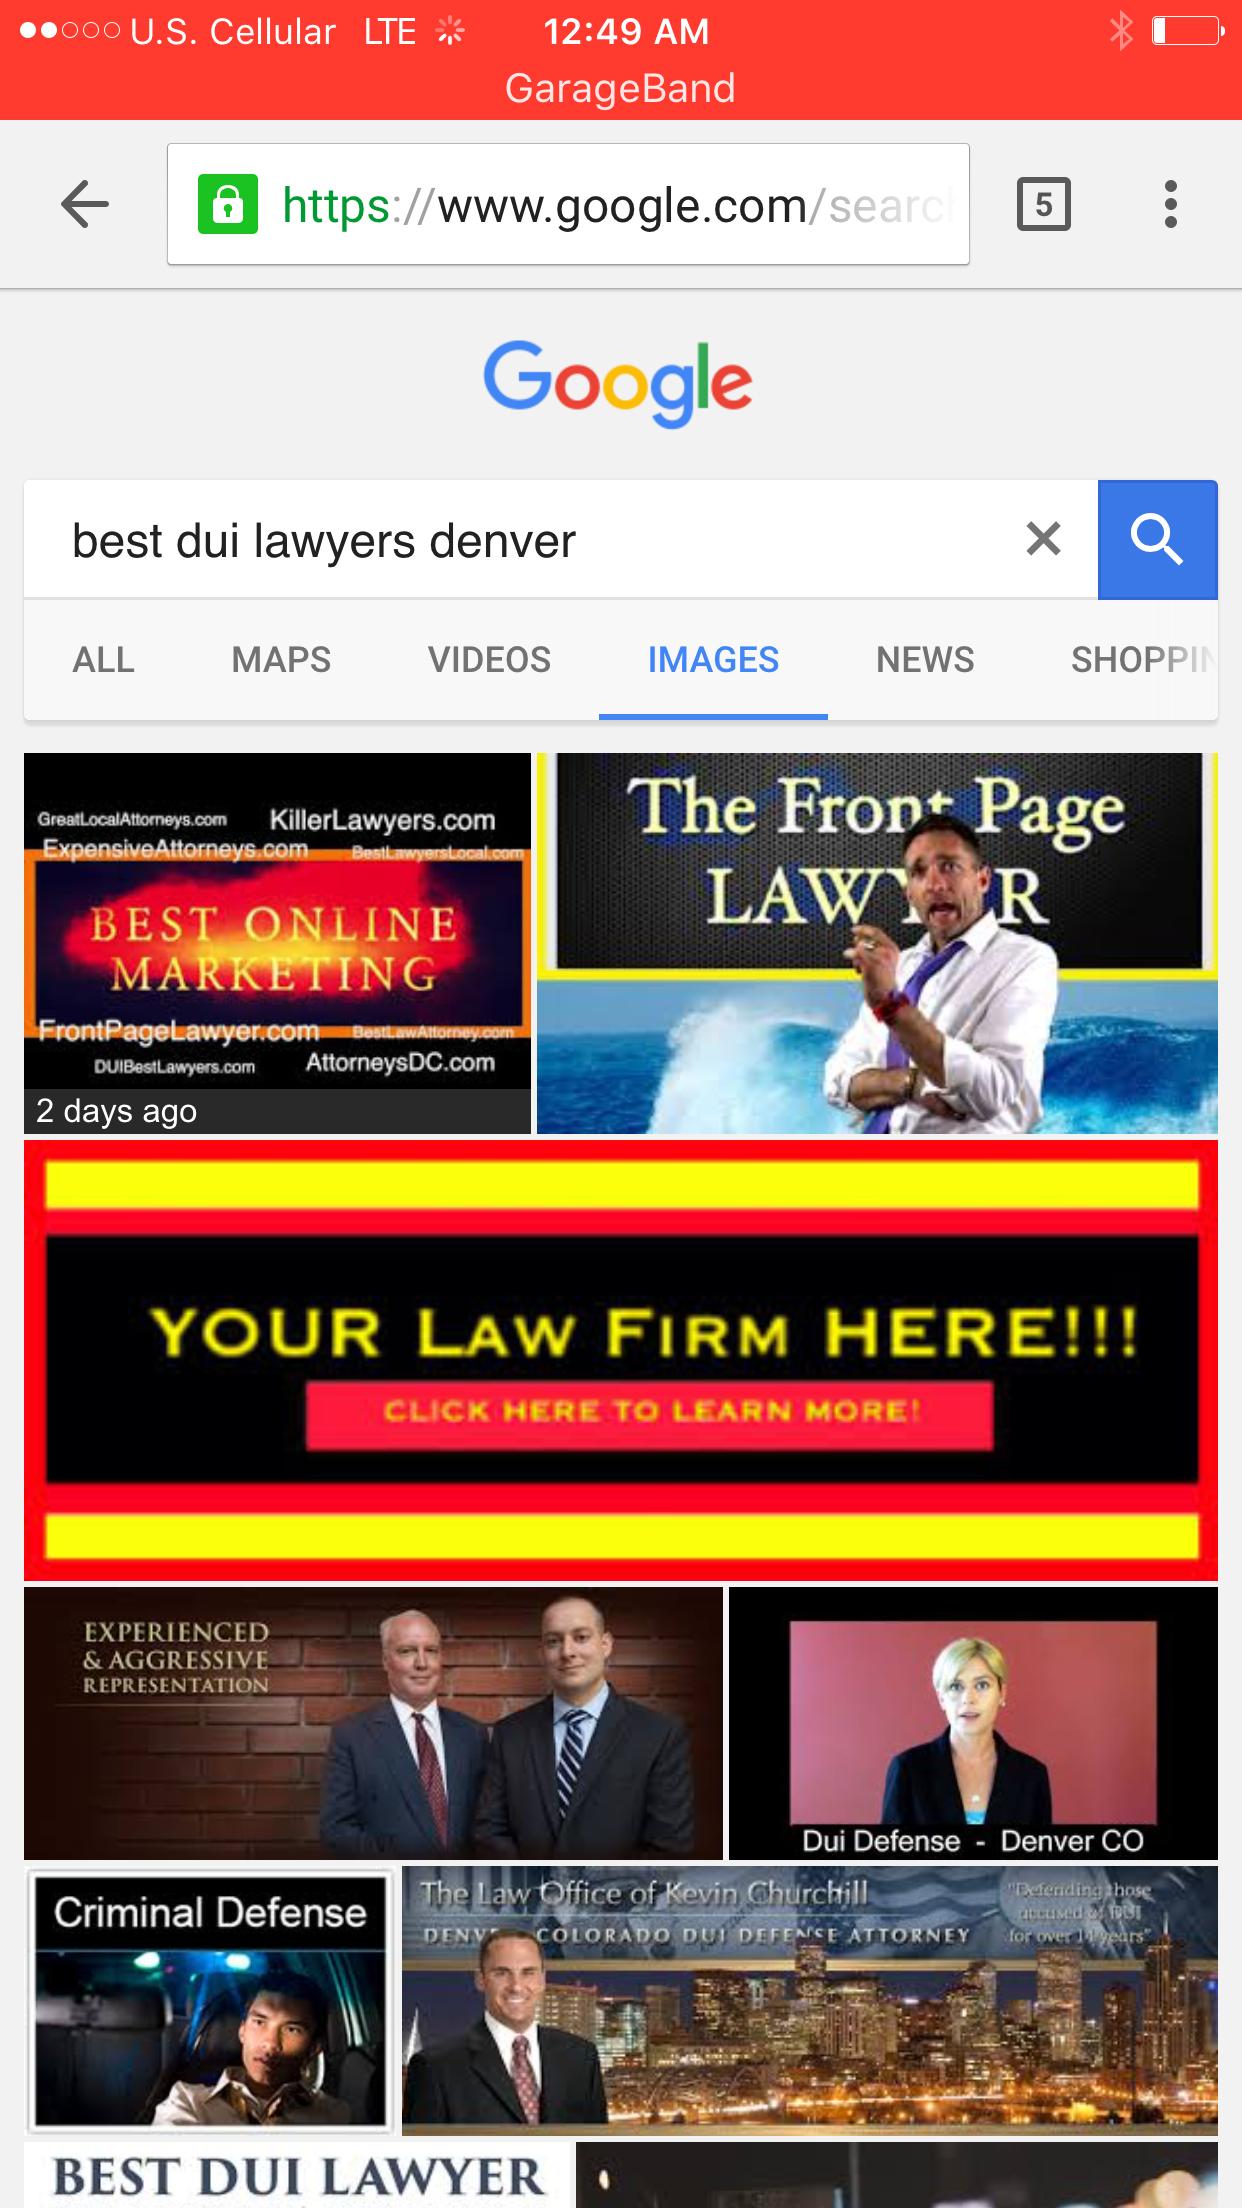 https://vimeo.com/154318213 http://duibeslawyers.com best dui attorneys